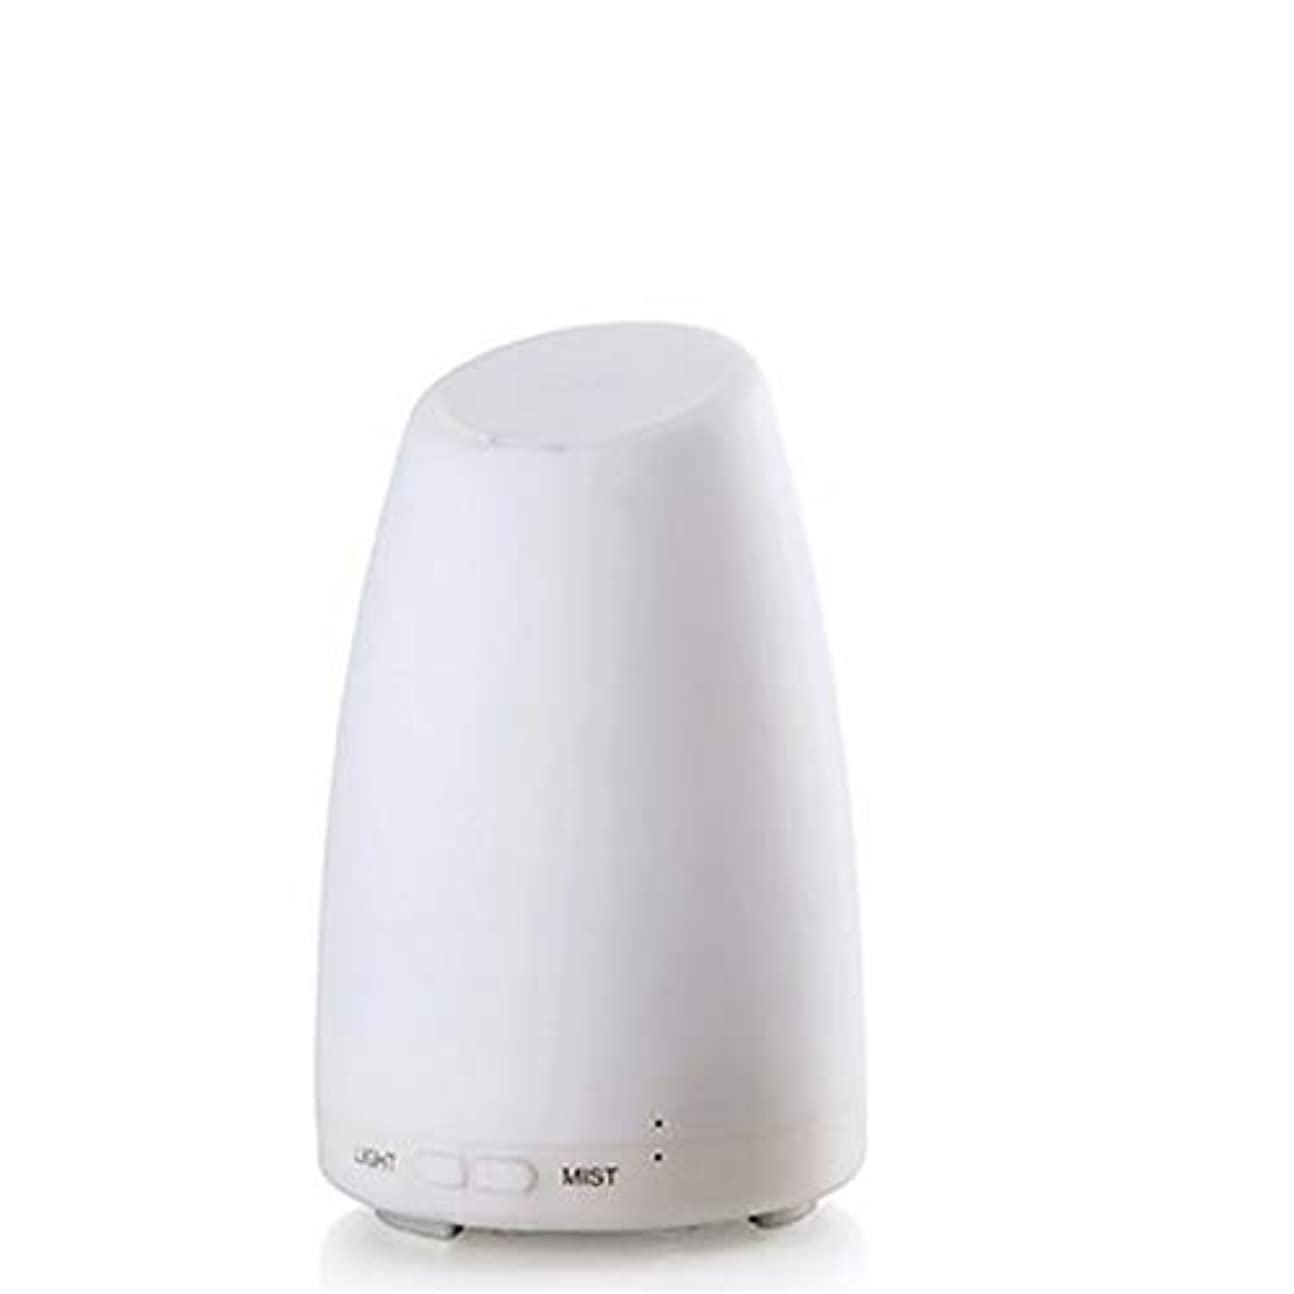 叱る特殊構成するエッセンシャルオイルディフューザー、霧コントロール4h 使用、低水自動シャットダウン、7種類の LED ライト、家庭、オフィス、寝室、家族のベビールームとの超音波 100 ml アロマディフューザー